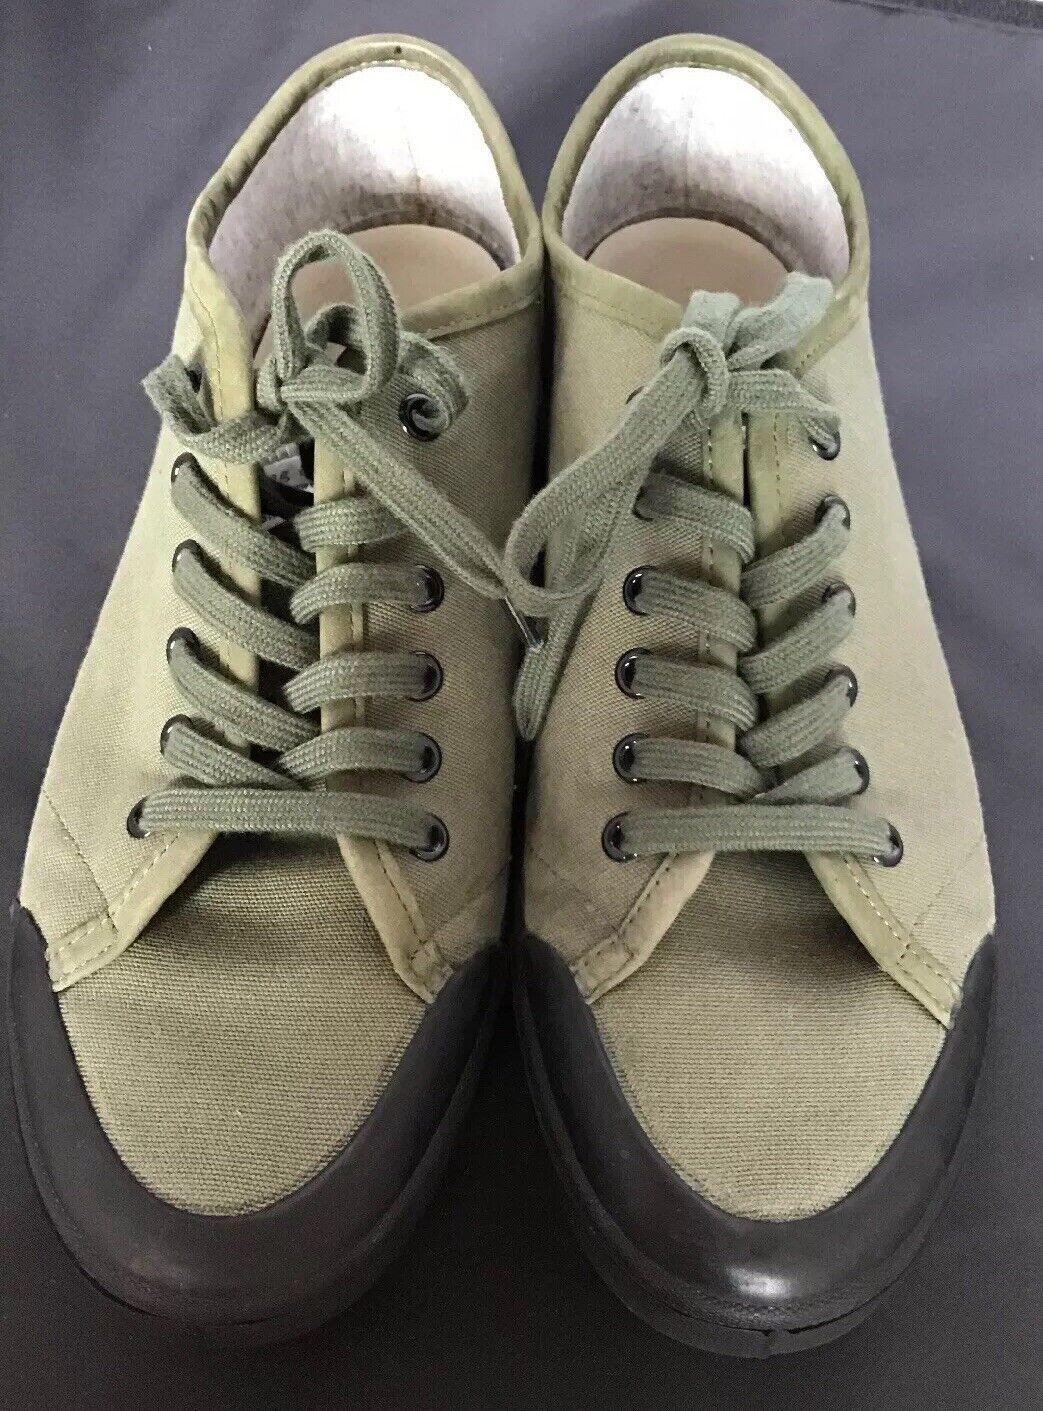 RAG & BONE Men's  Standard Issue  Sneakers (Green) Size 8 W Pre-Owned